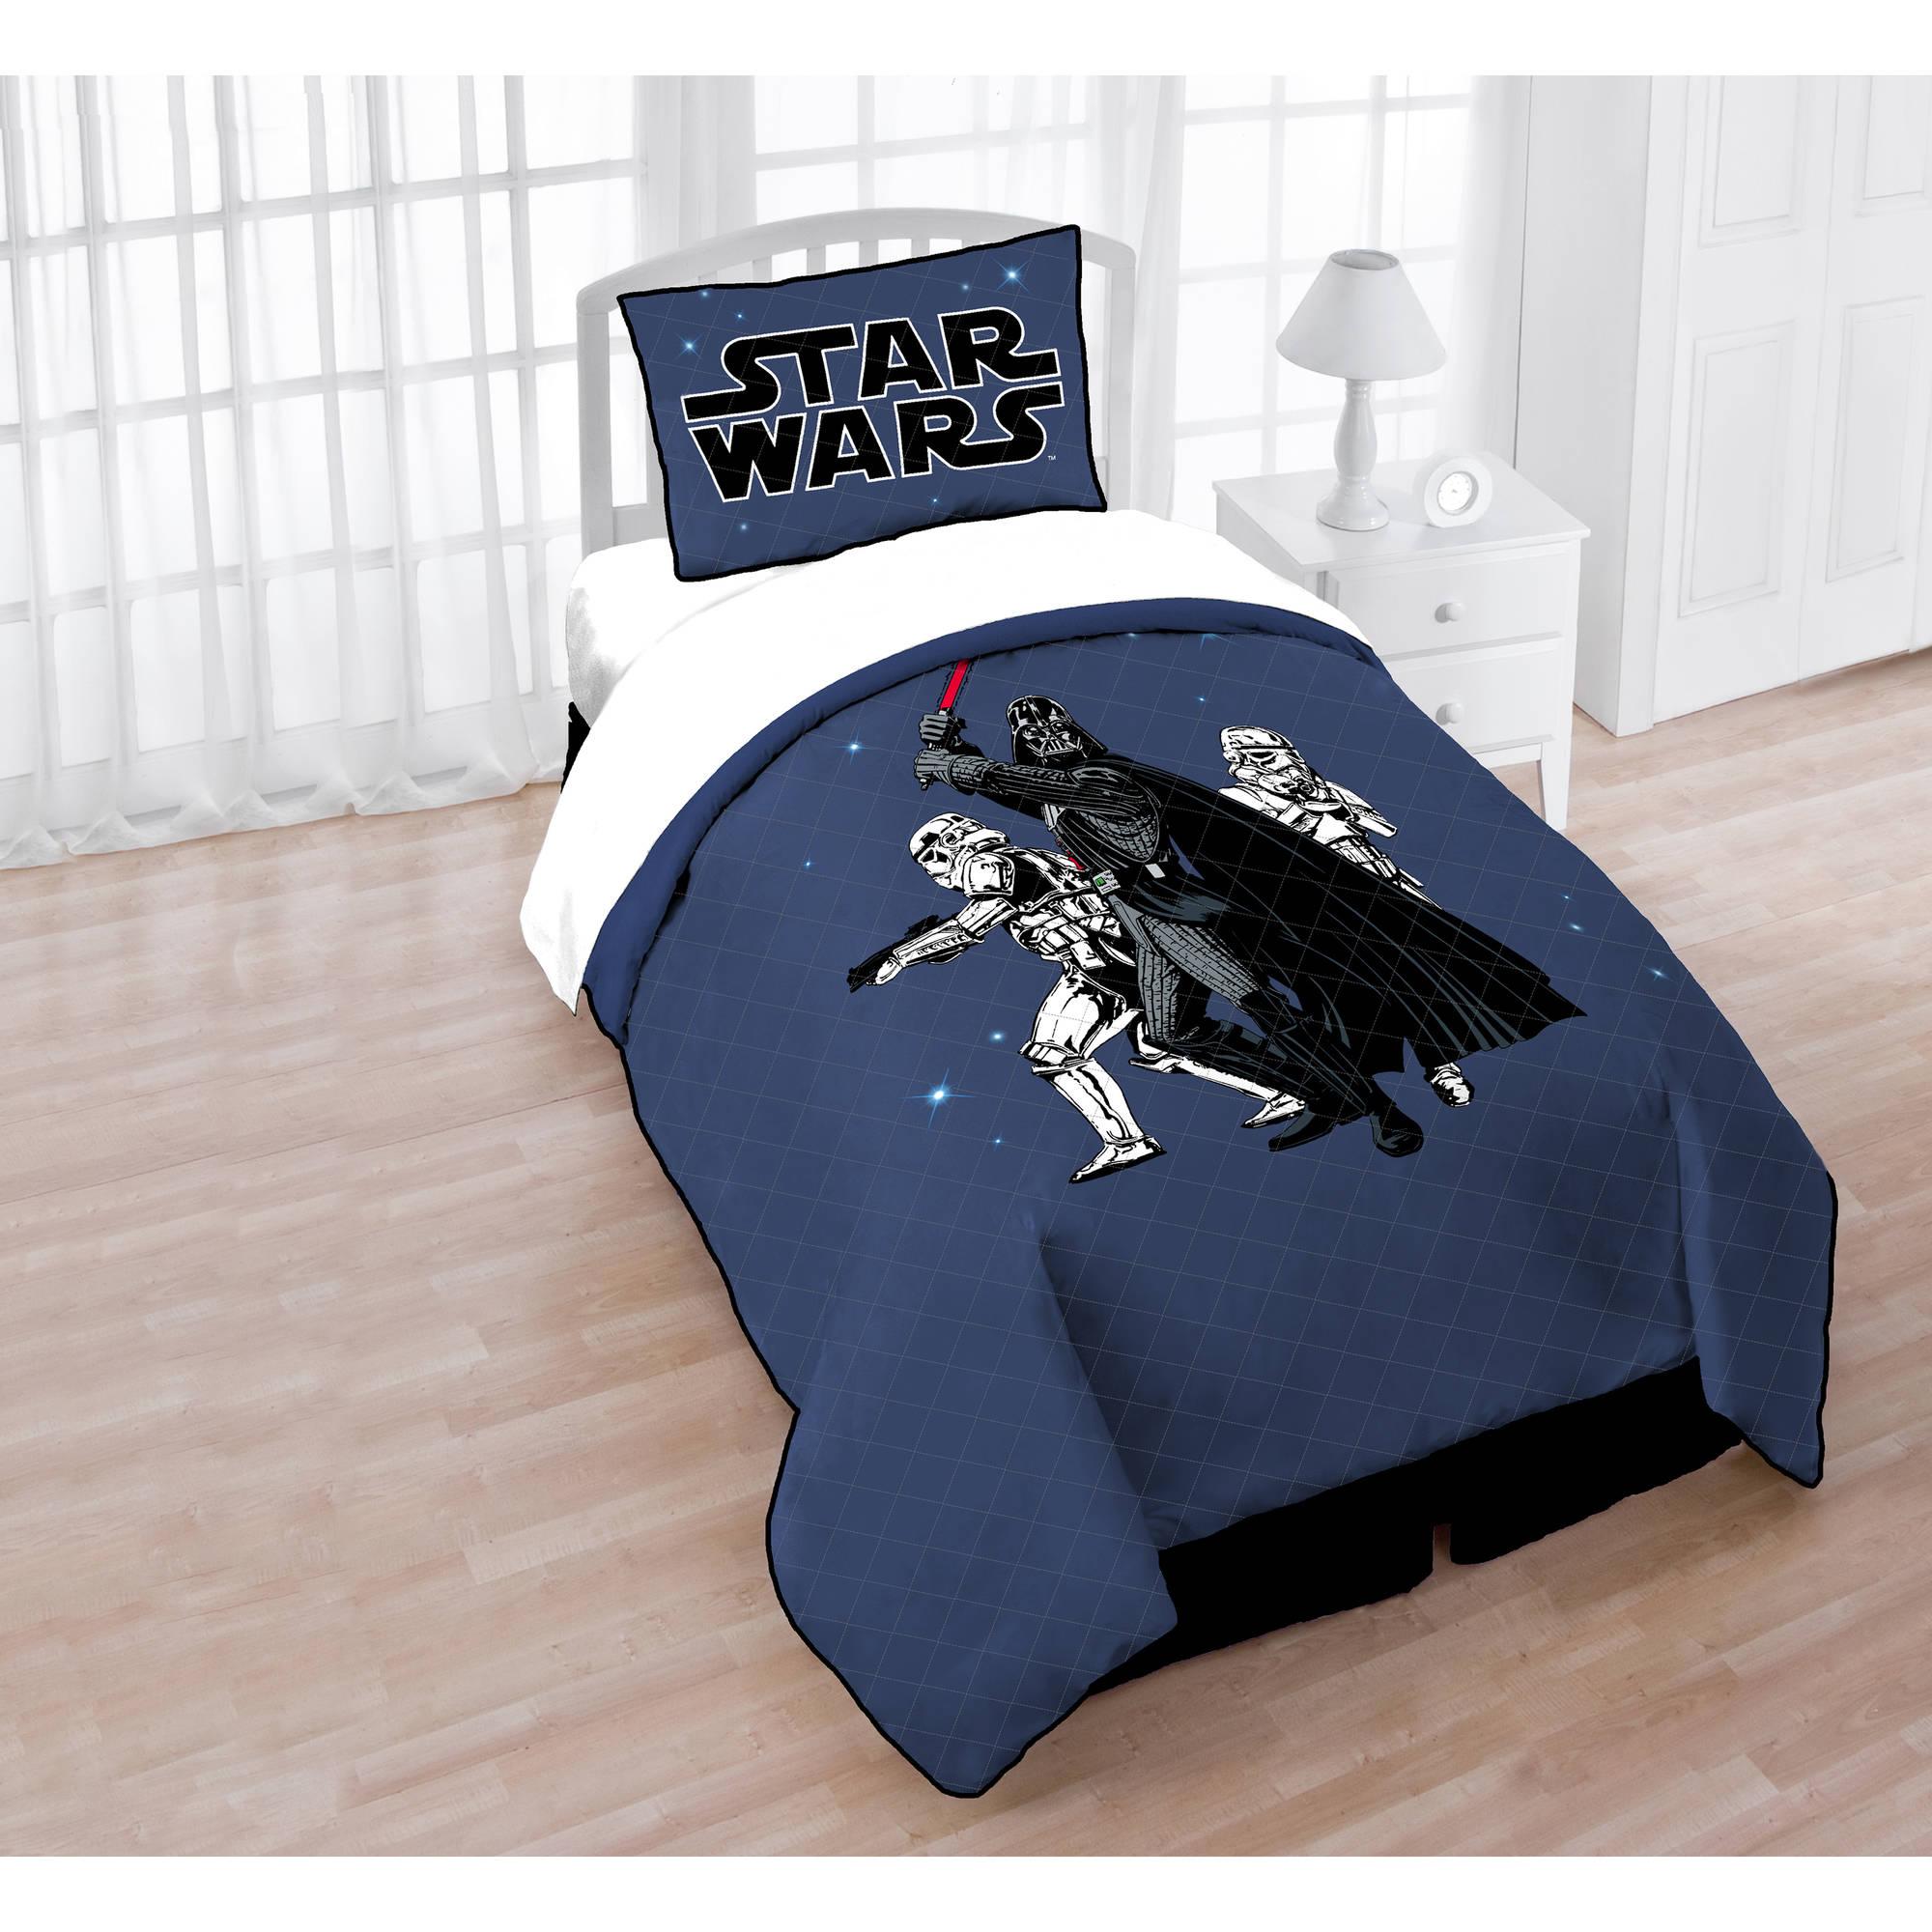 star wars quilt and sham - walmart